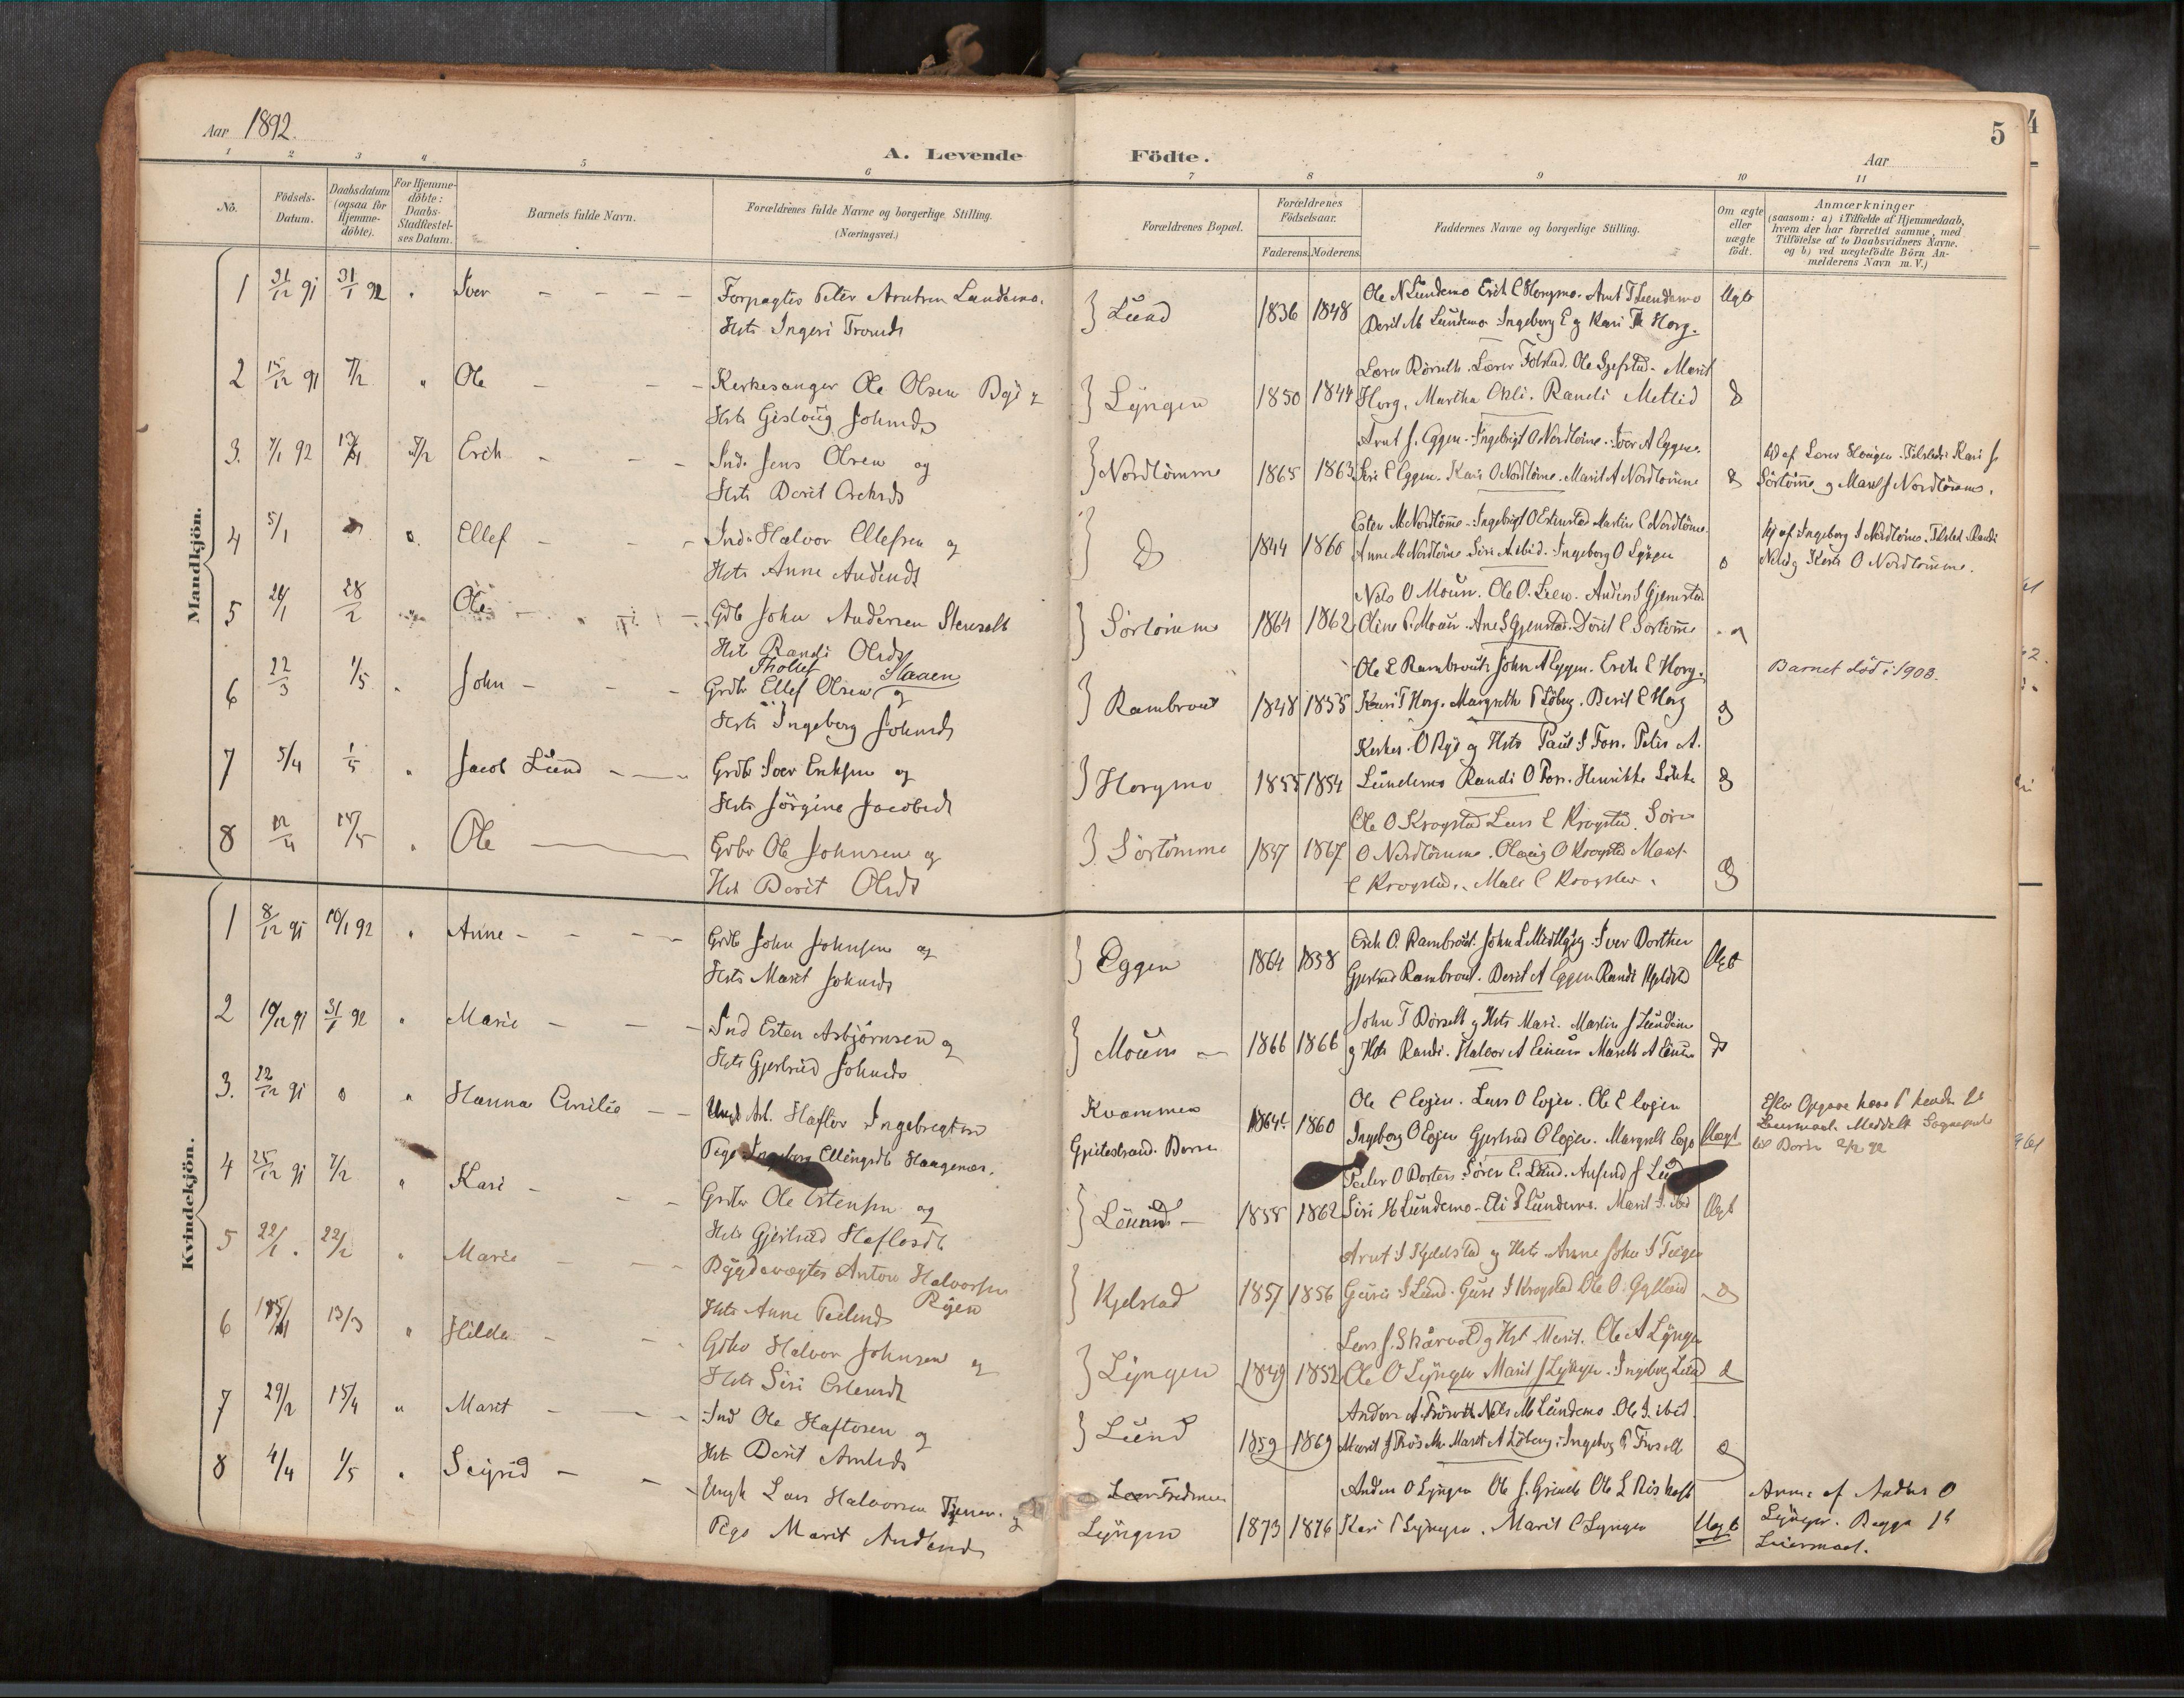 SAT, Ministerialprotokoller, klokkerbøker og fødselsregistre - Sør-Trøndelag, 692/L1105b: Ministerialbok nr. 692A06, 1891-1934, s. 5